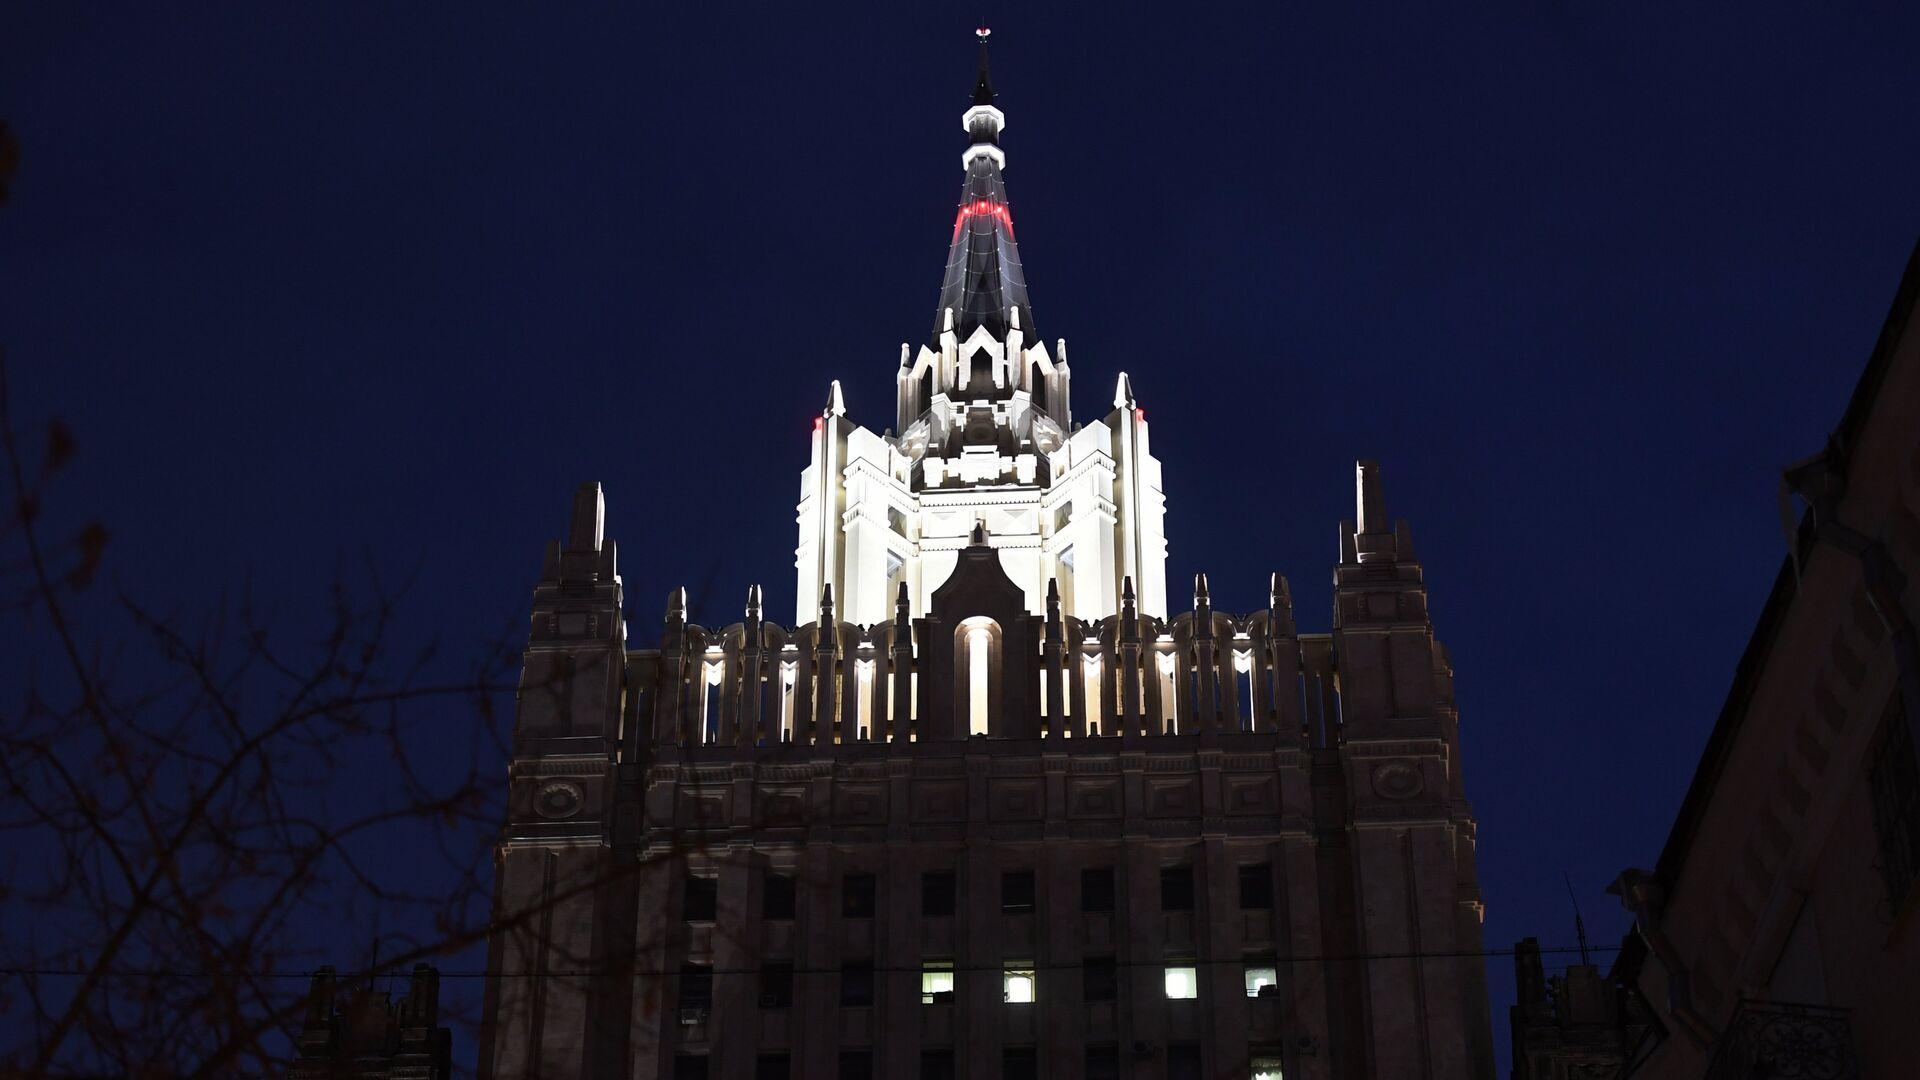 El Ministerio de Asuntos Exteriores de Rusia - Sputnik Mundo, 1920, 18.03.2021